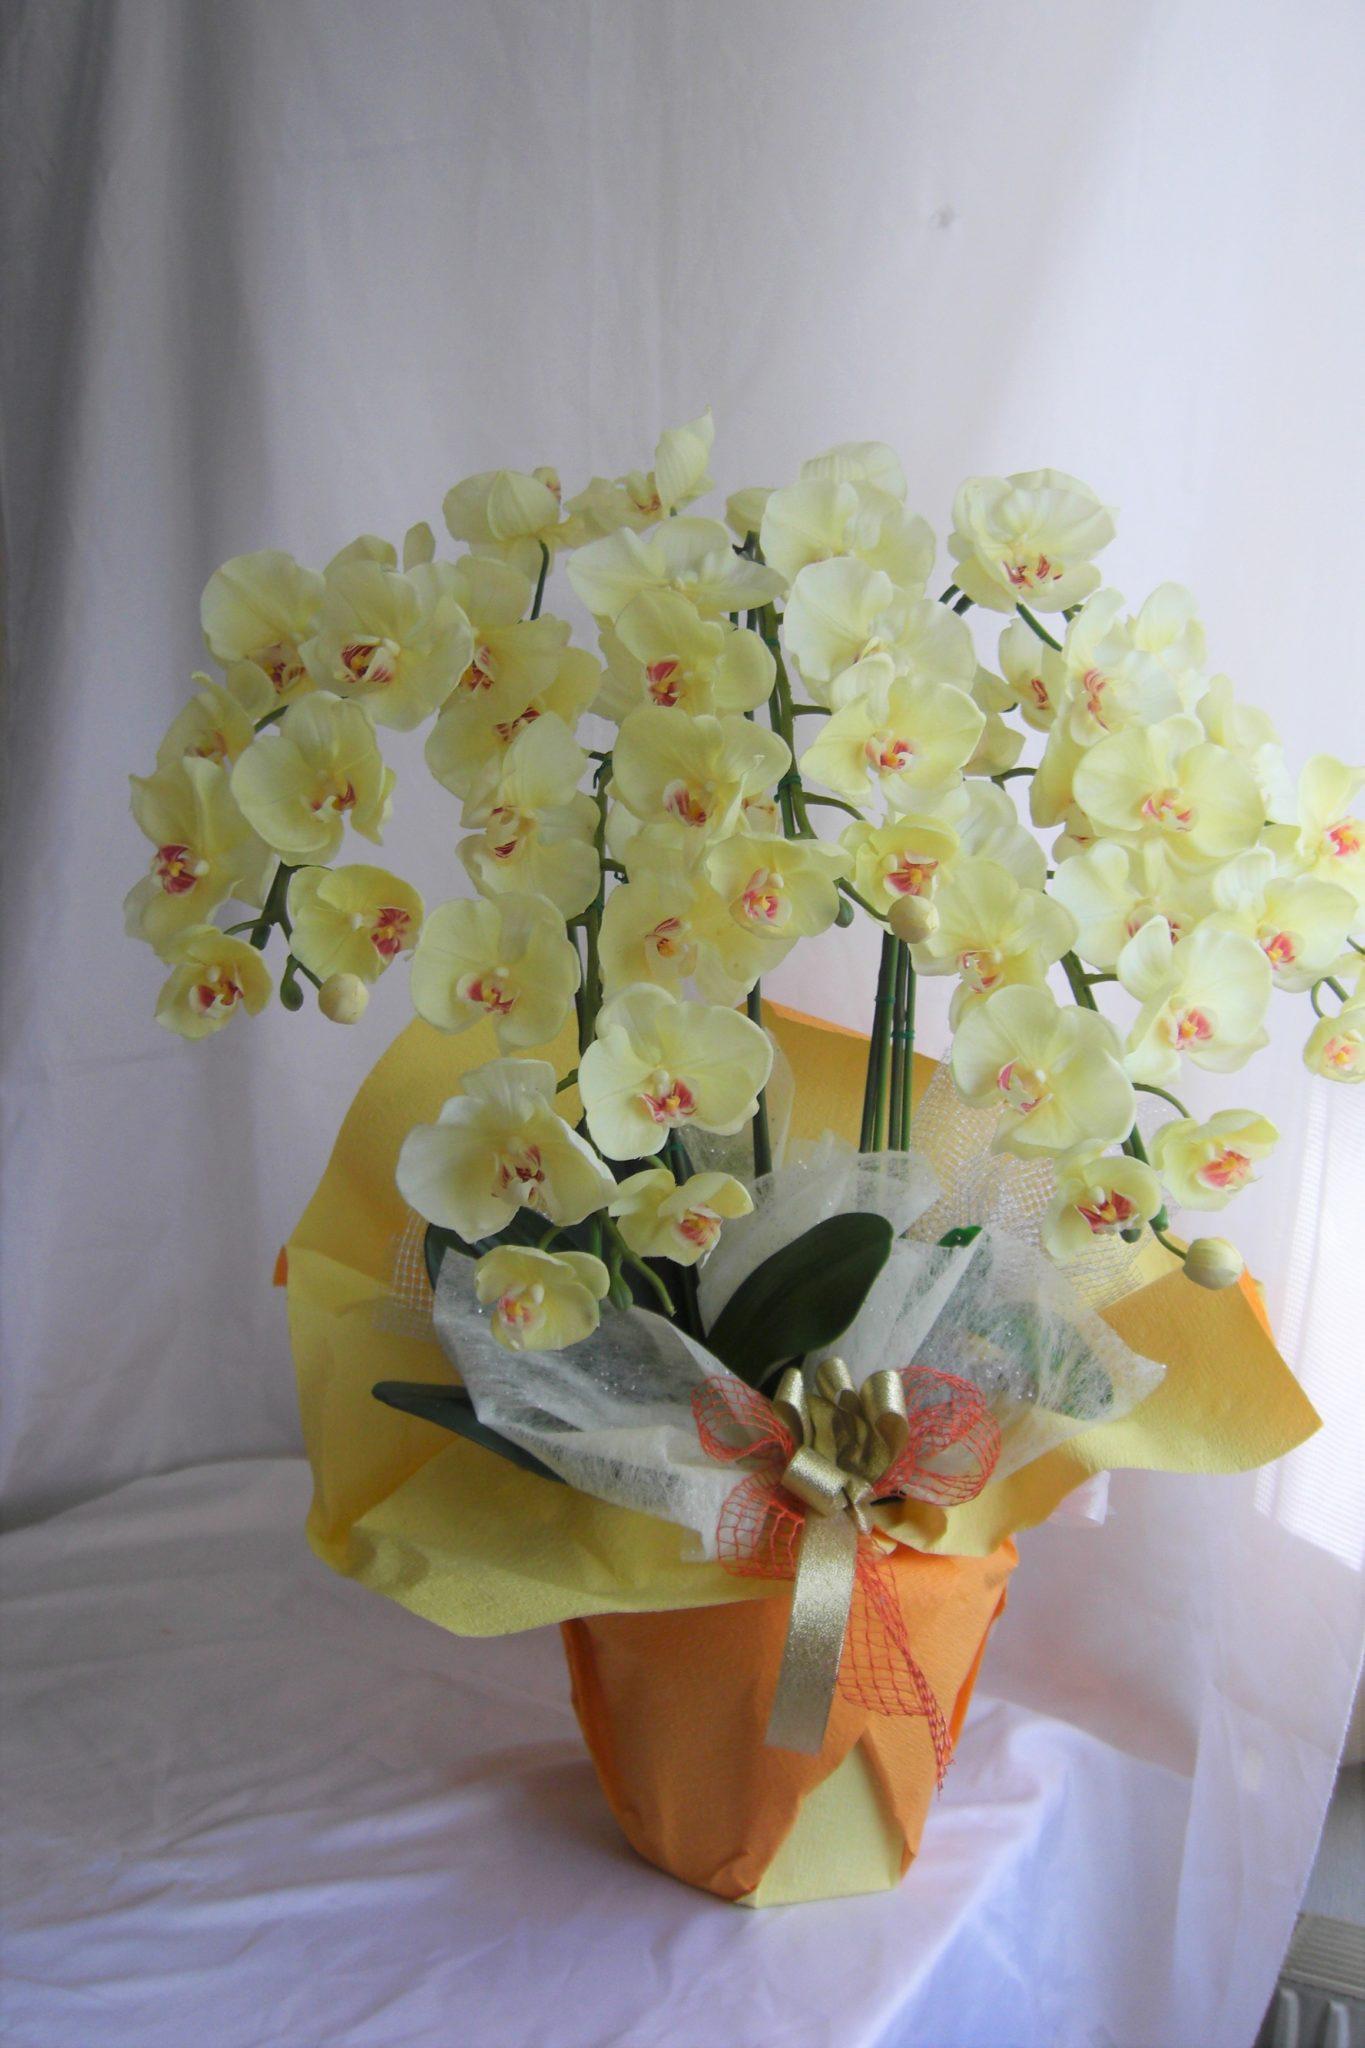 黄色の胡蝶蘭 アーティフィシャルフラワー